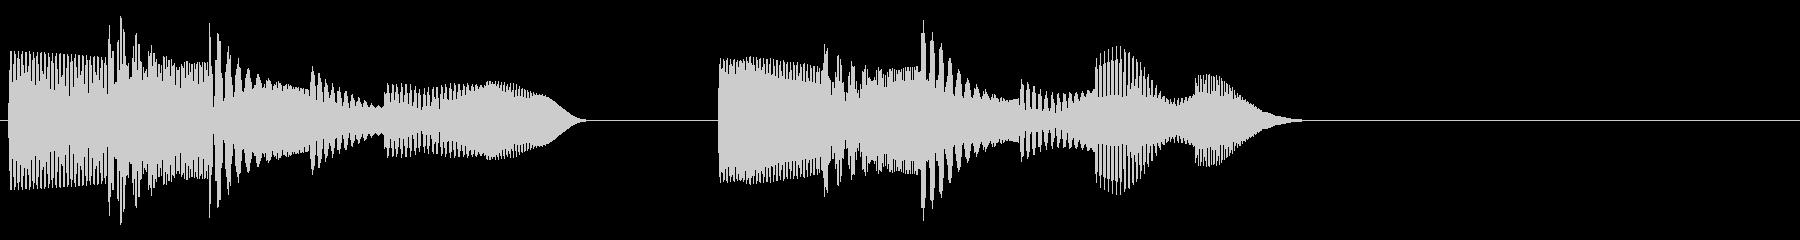 KANTアイキャッチソフト電子音3の未再生の波形